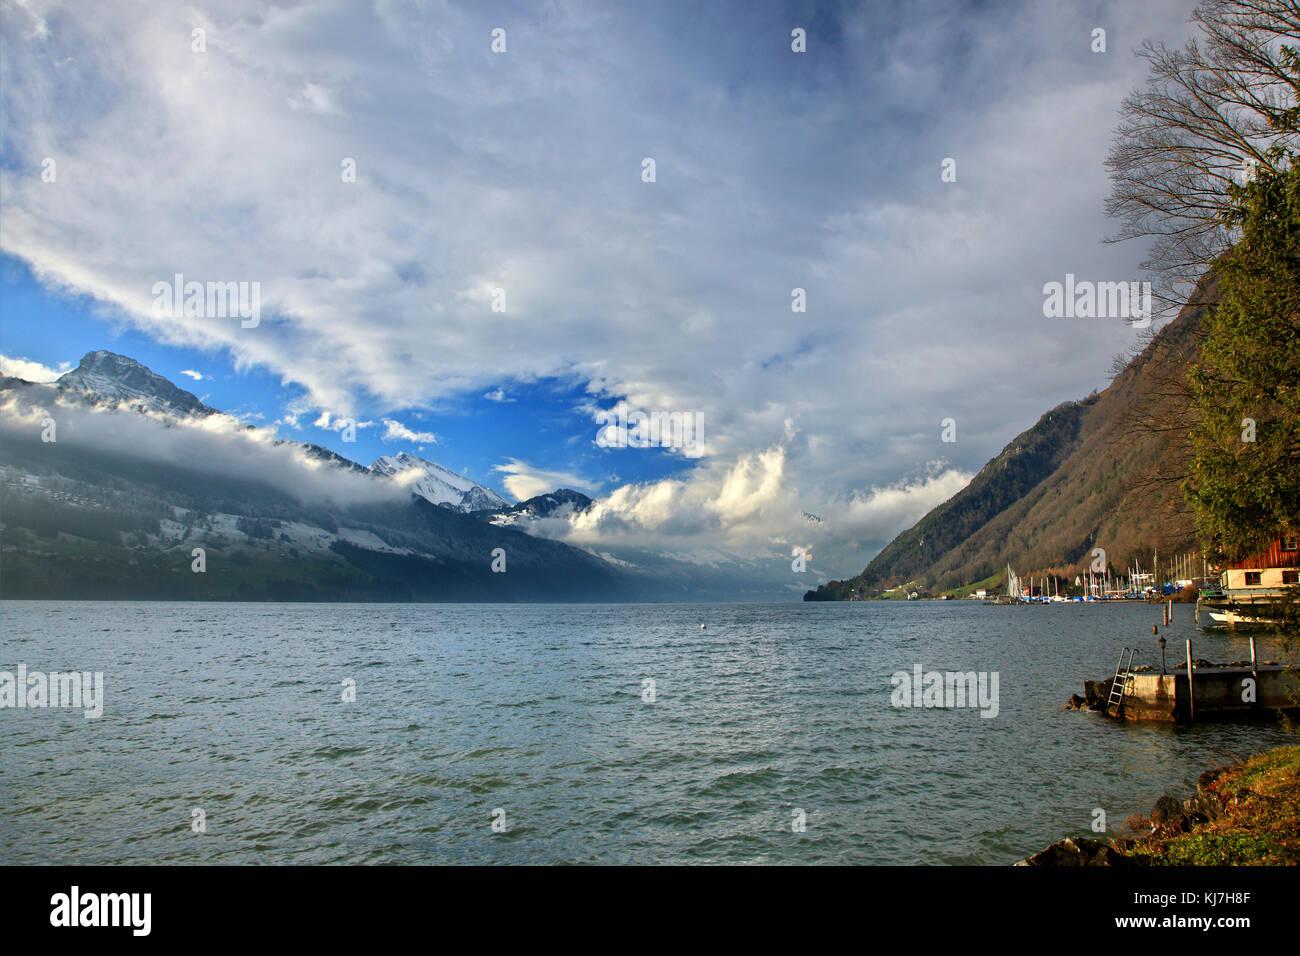 Der Punkt, wo Uri See (Urnersee) Luzern See entspricht. Foto bei Brunnen der Stadt, Schweiz übernommen. Stockbild